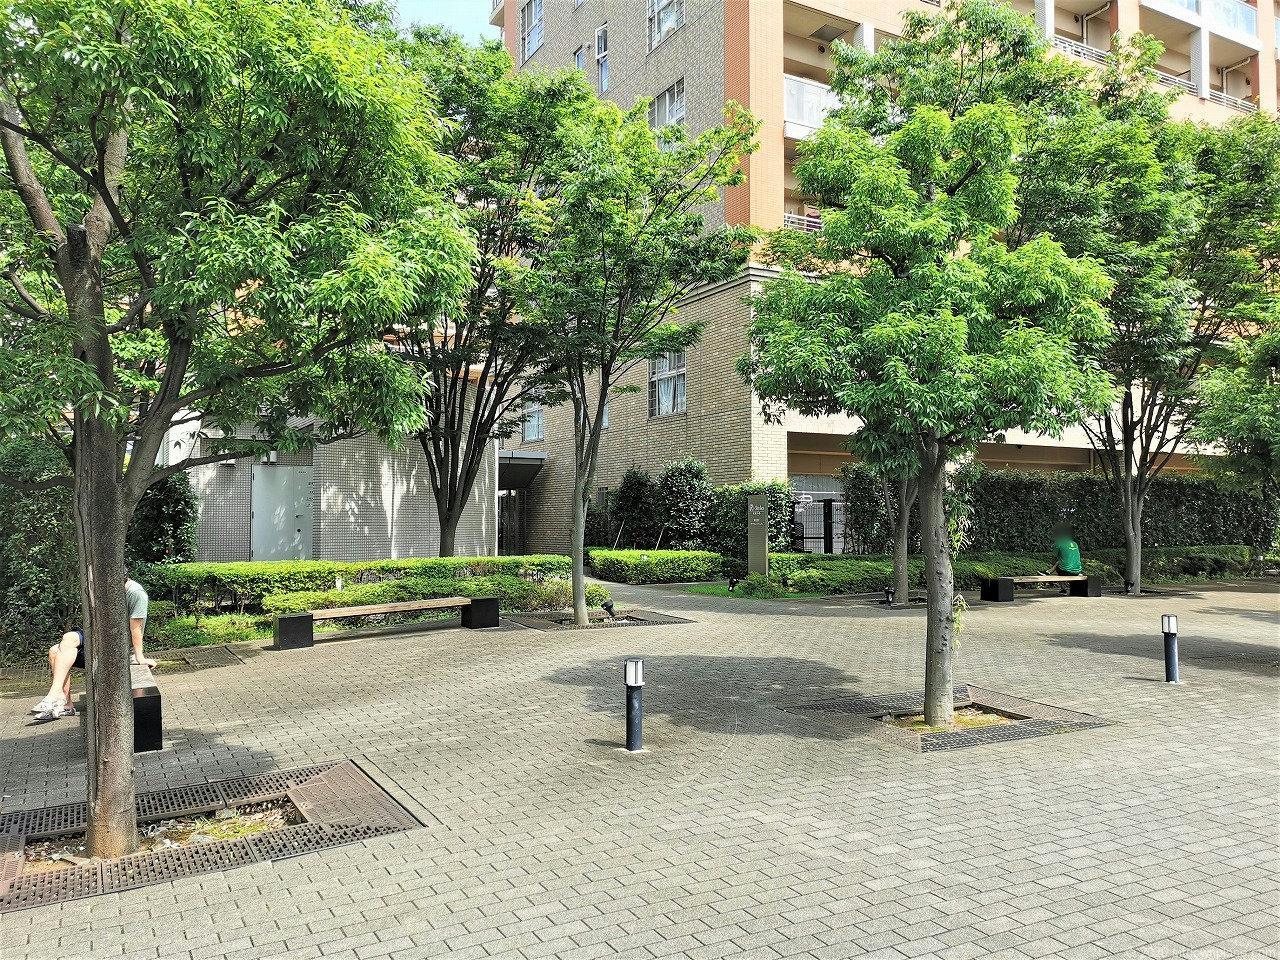 武蔵小杉駅 R-Styles公開空地の休憩場所1